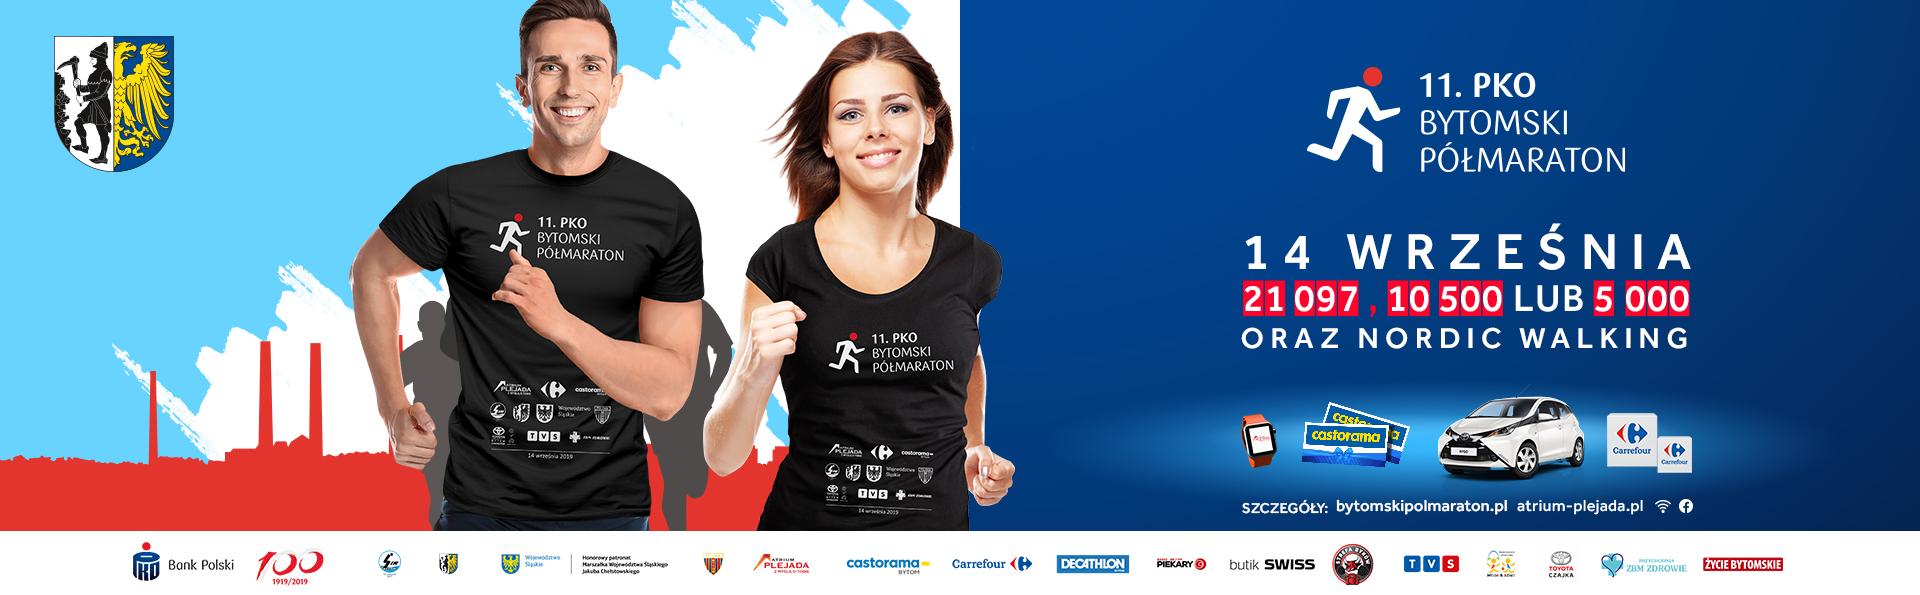 11. PKO Bytomski Półmaraton ponownie w Atrium Plejada